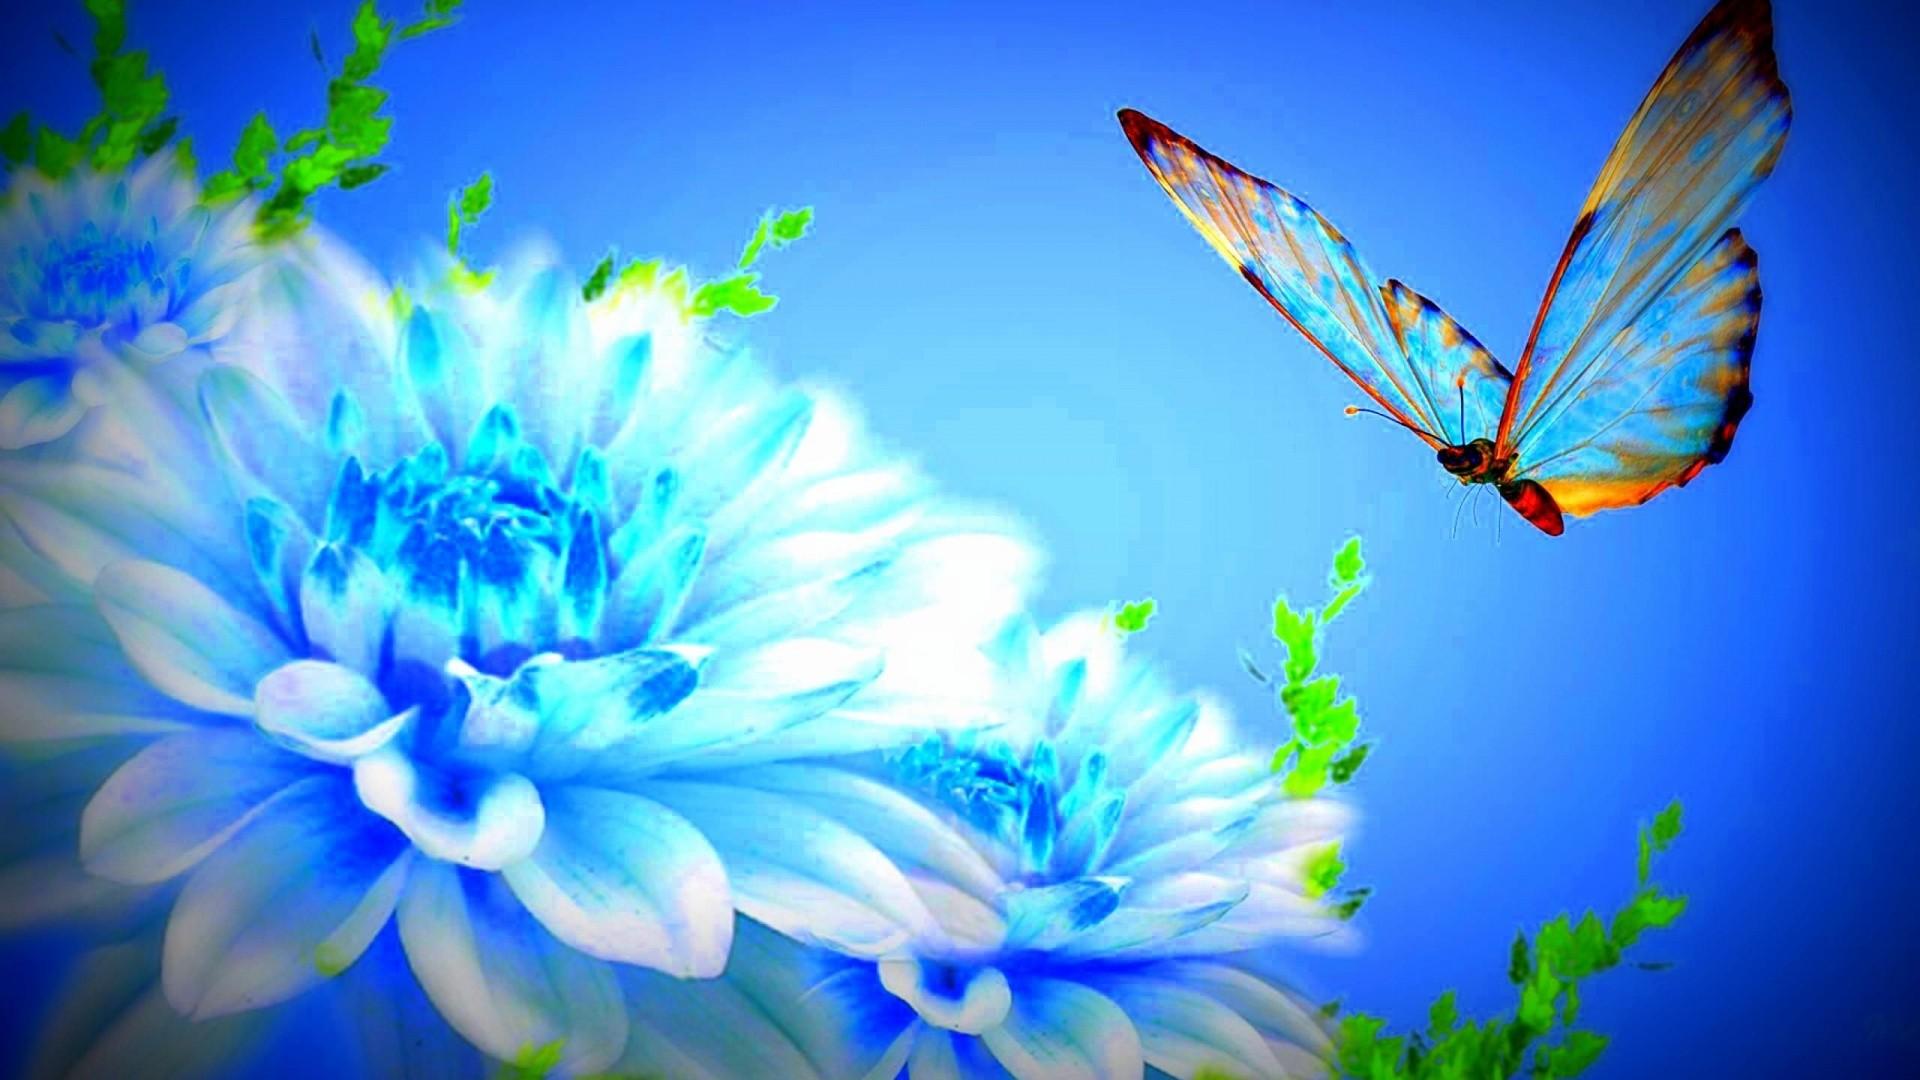 Blue Butterfly hd wallpaper download